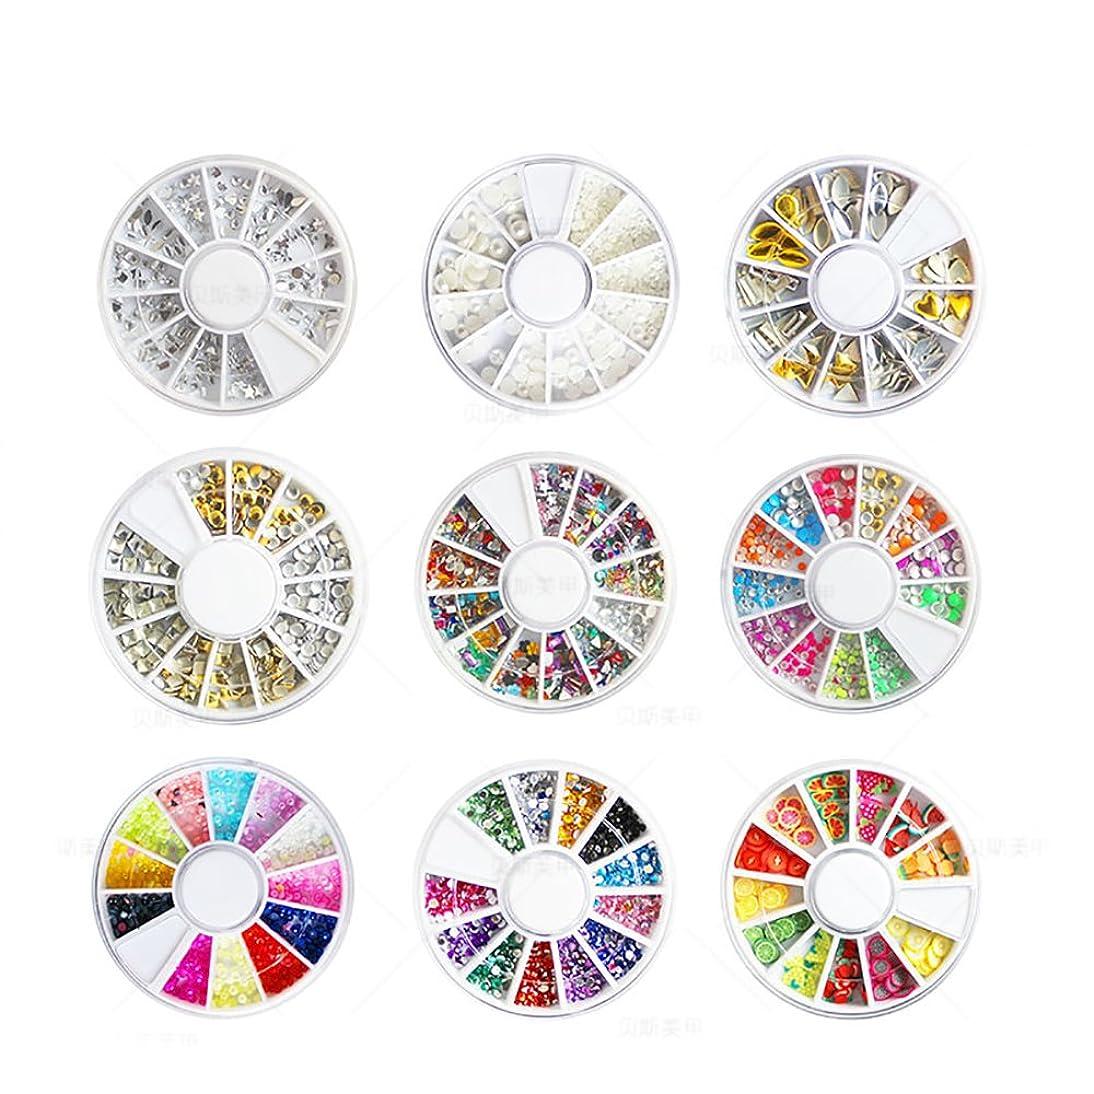 注入ポールフォーマルCUGBO ラインストーン ネイル用ストーン ビーズ 3Dネイルダイヤモンド 盛り合わせ ケース付 混合花柄 フルーツ 9個セット